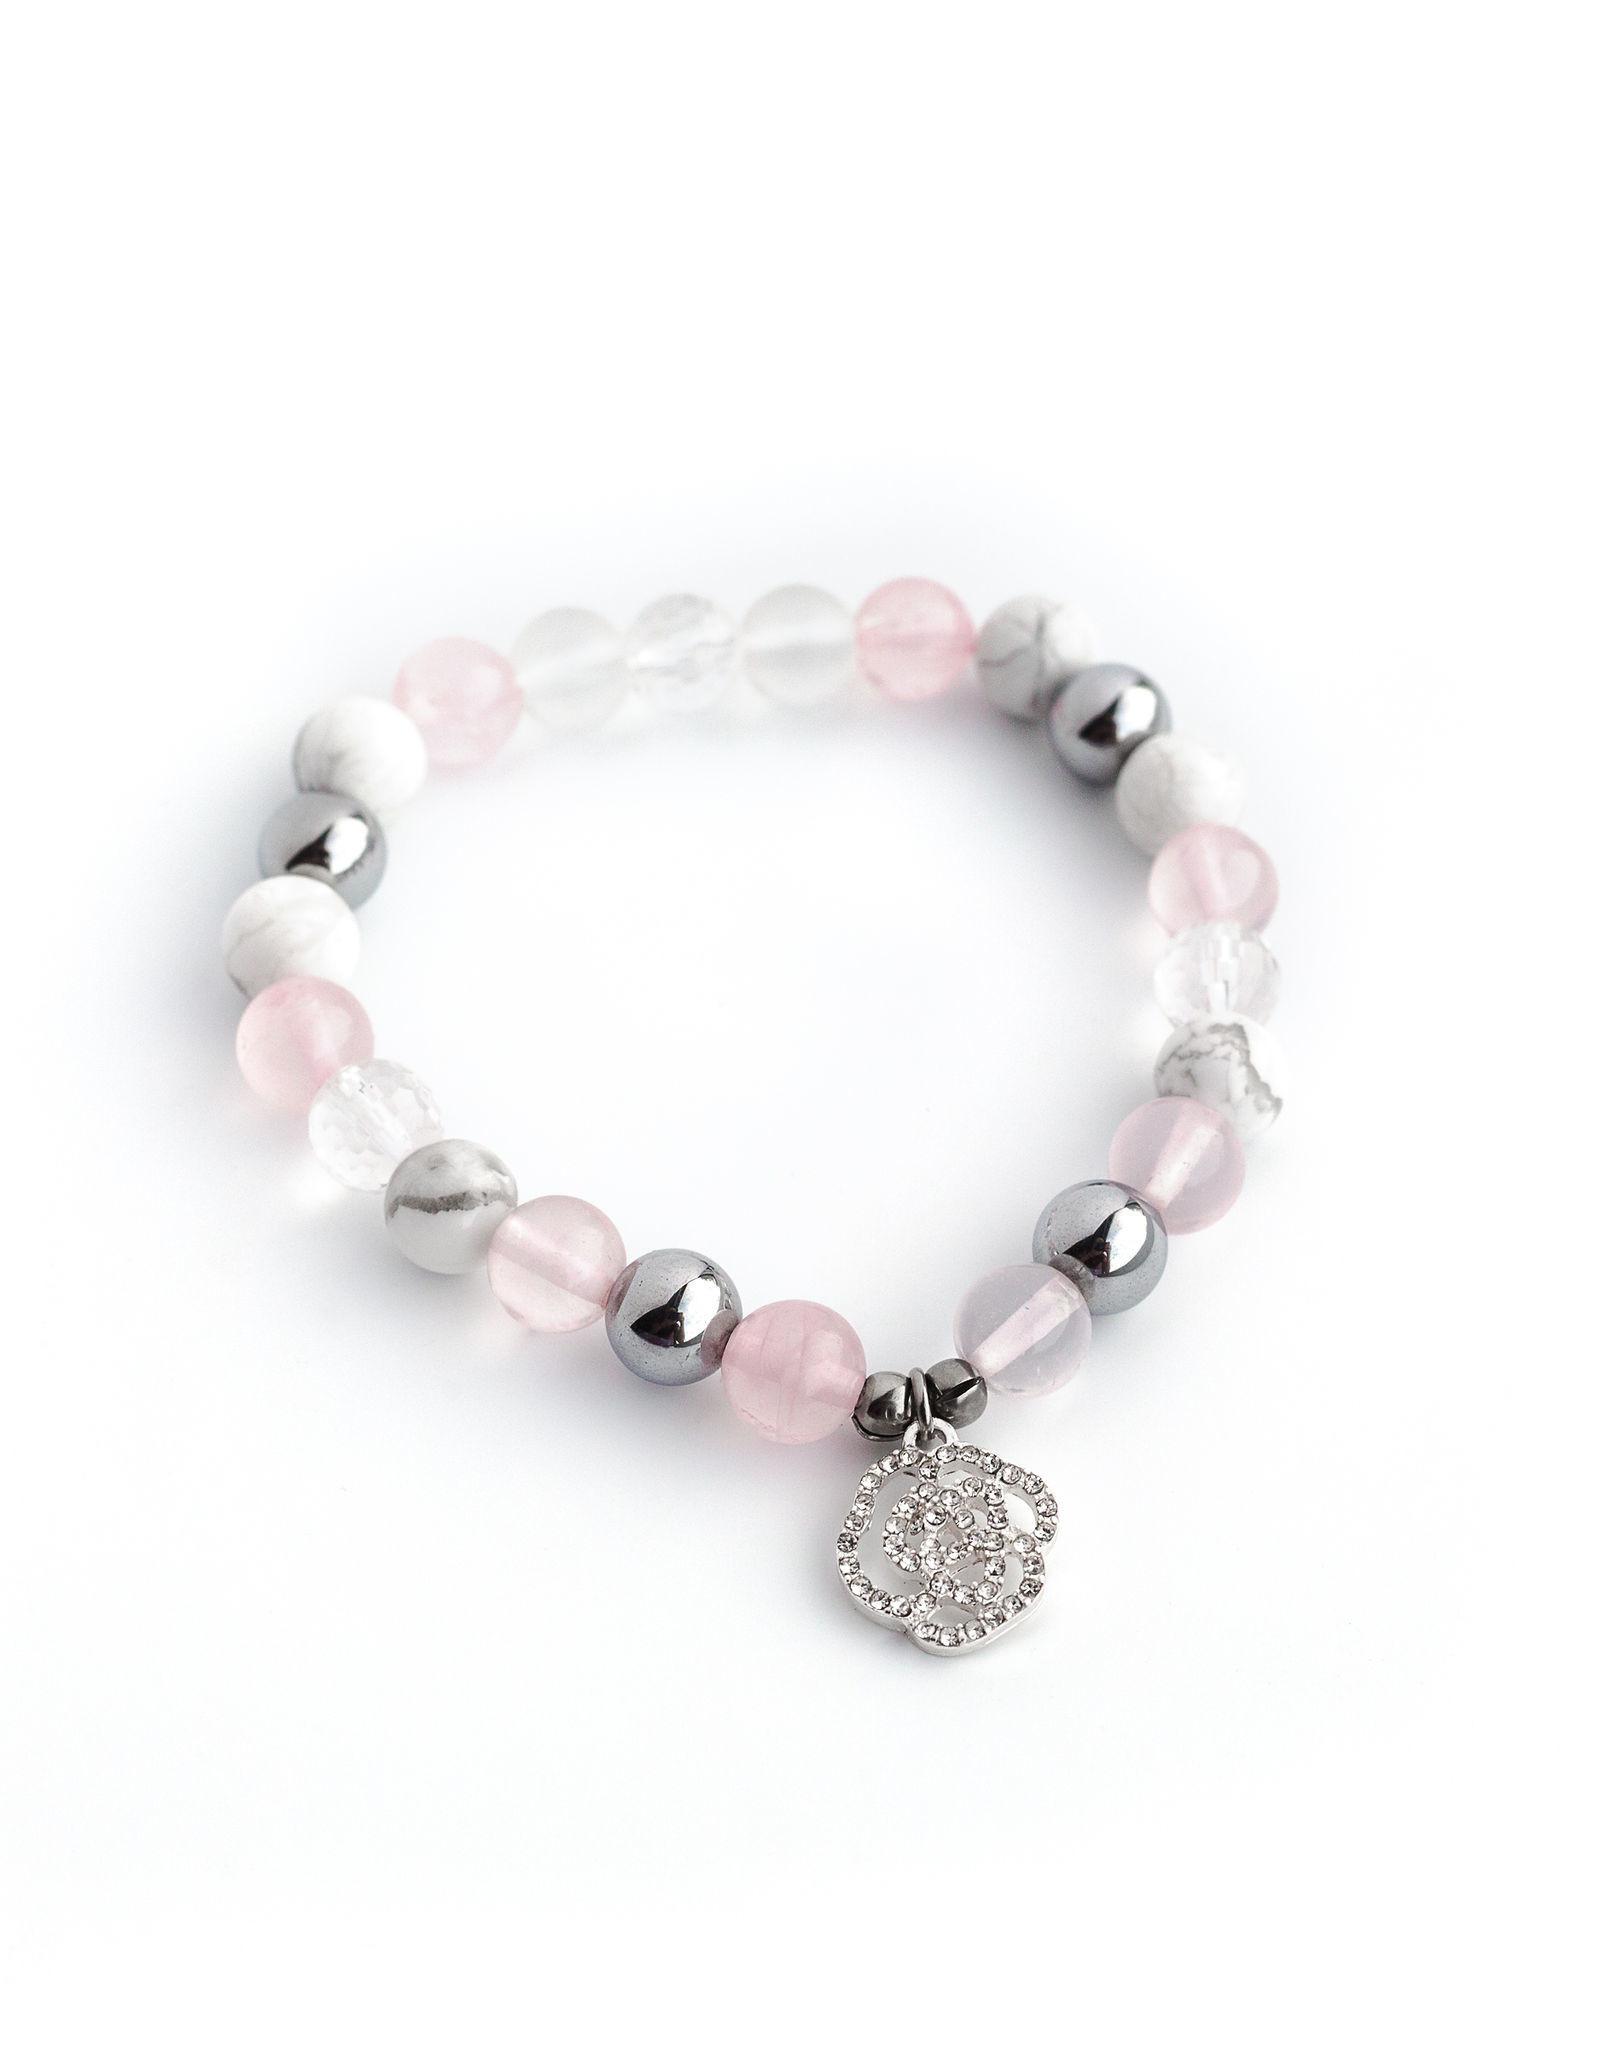 Bijoux Sophistikate Bracelet en pierre semi-précieuse - Pétale de rose - Taille Enfant